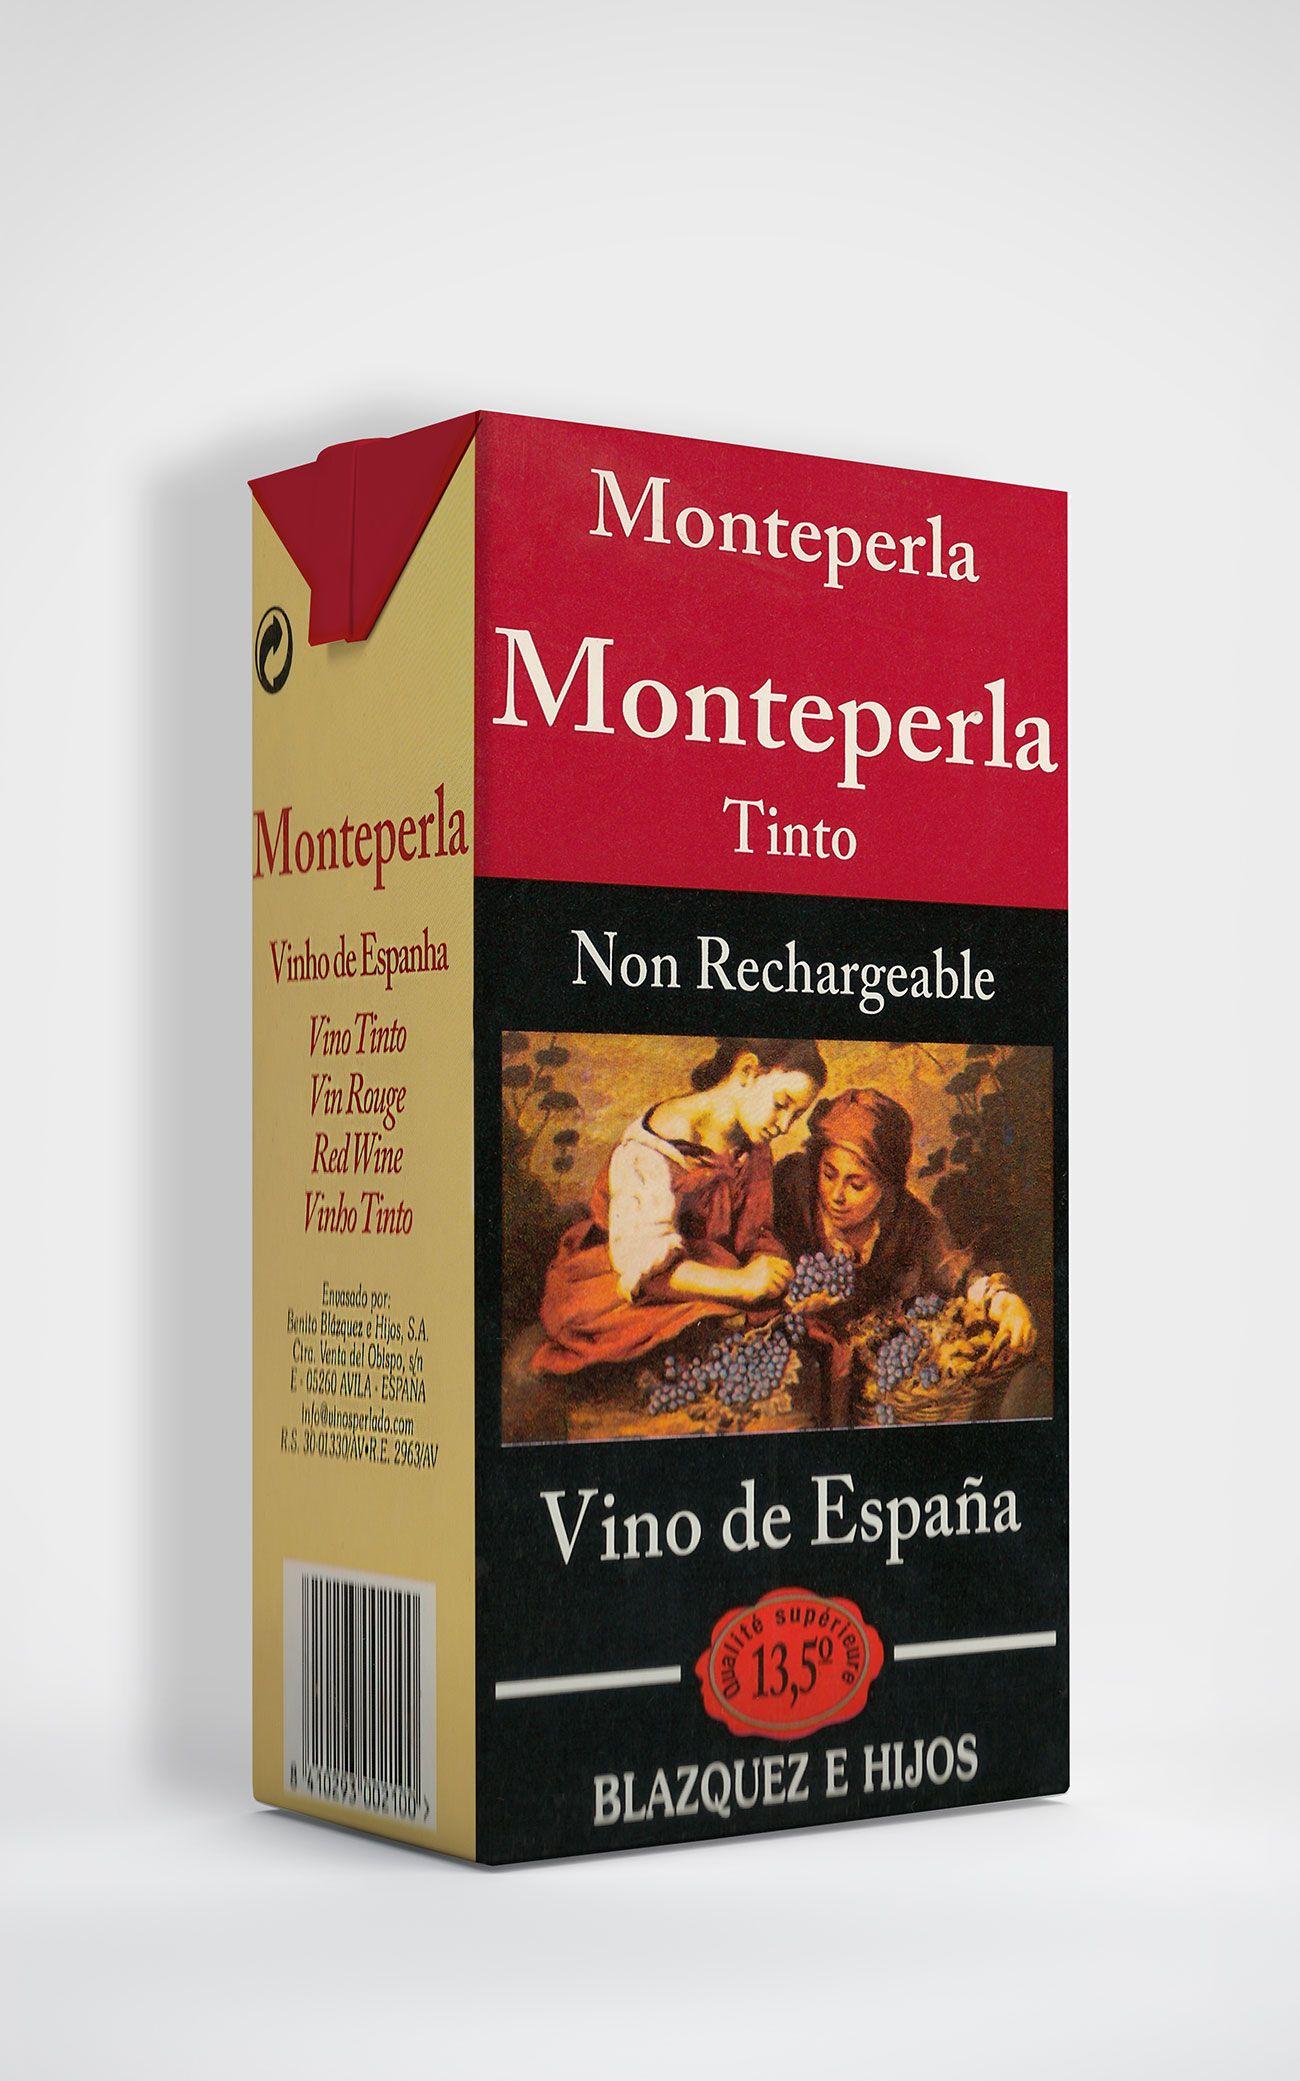 Benito Blázquez - Brik de Vino Monteperla Tinto